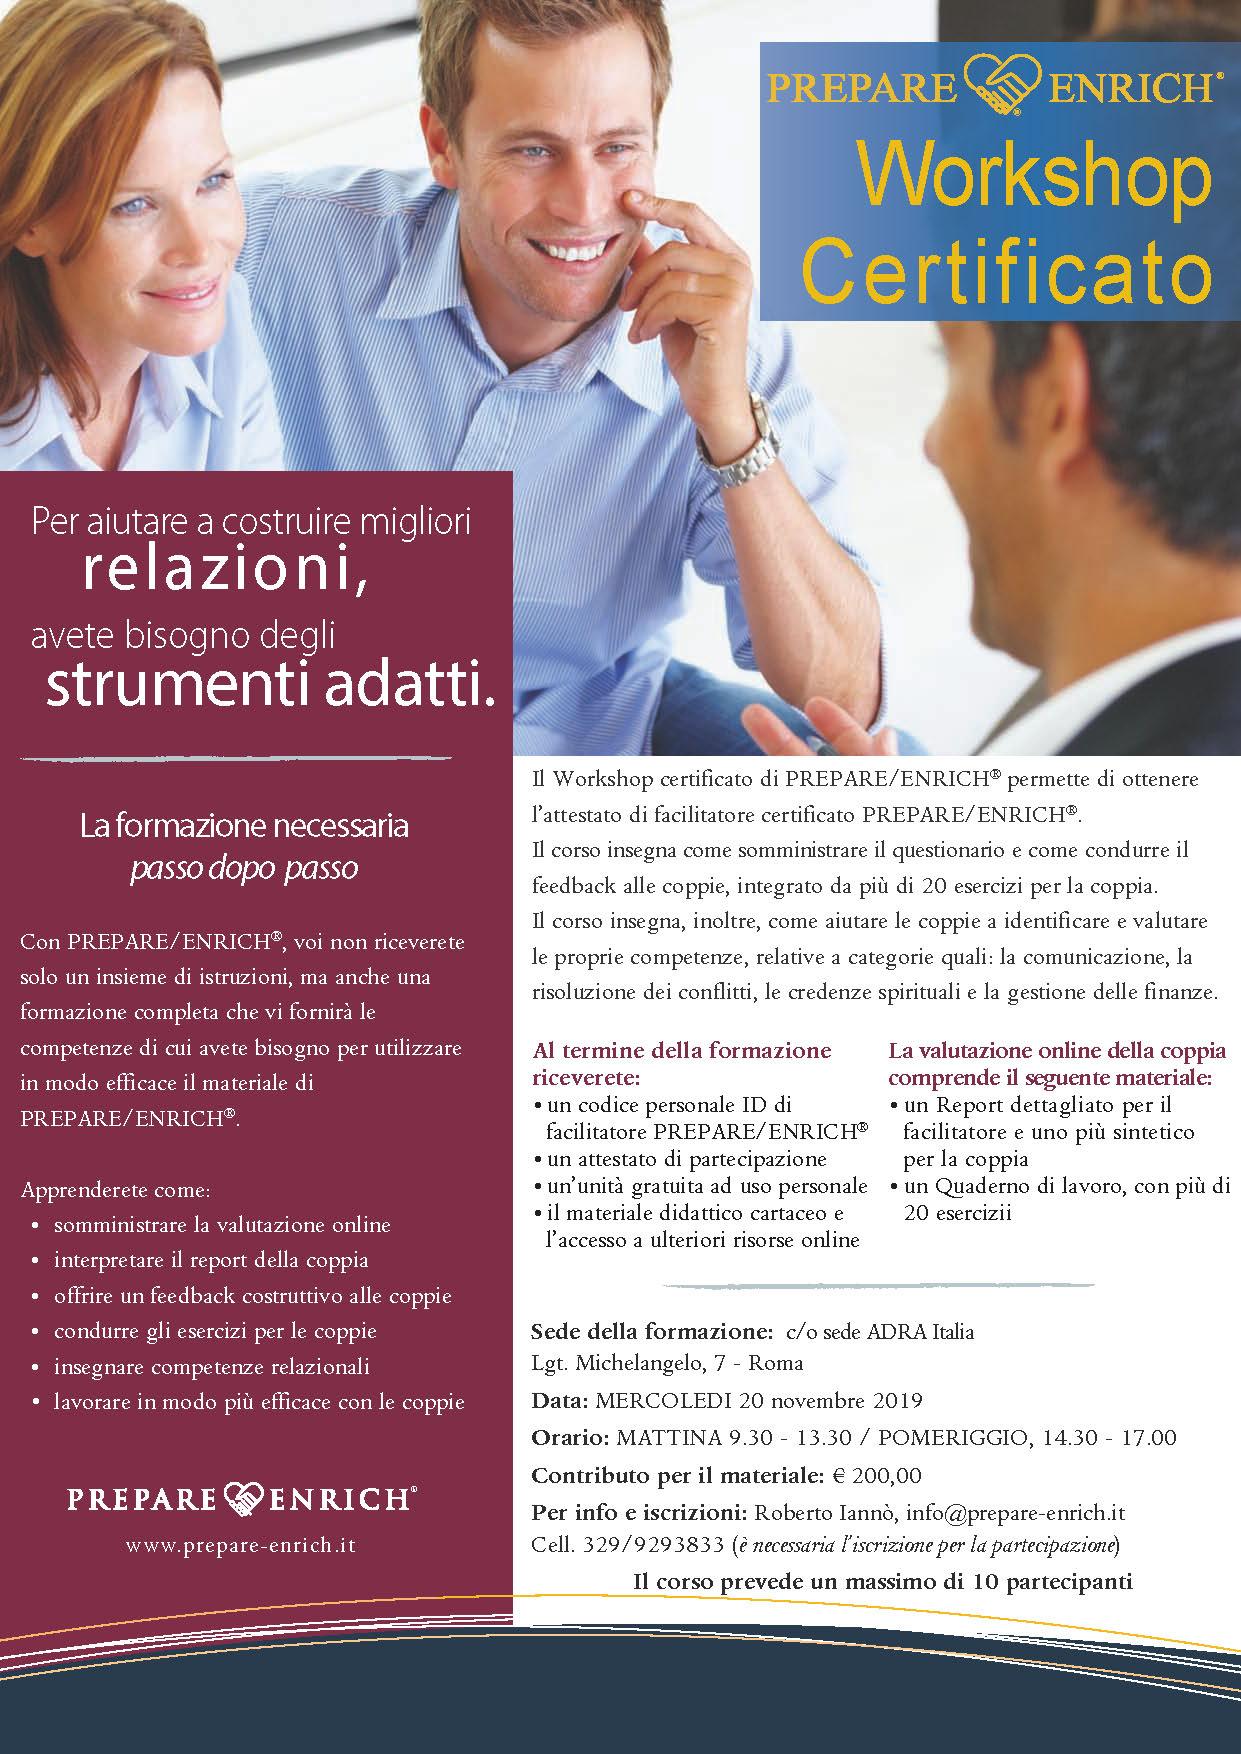 Workshop Certificato, novembre 2019